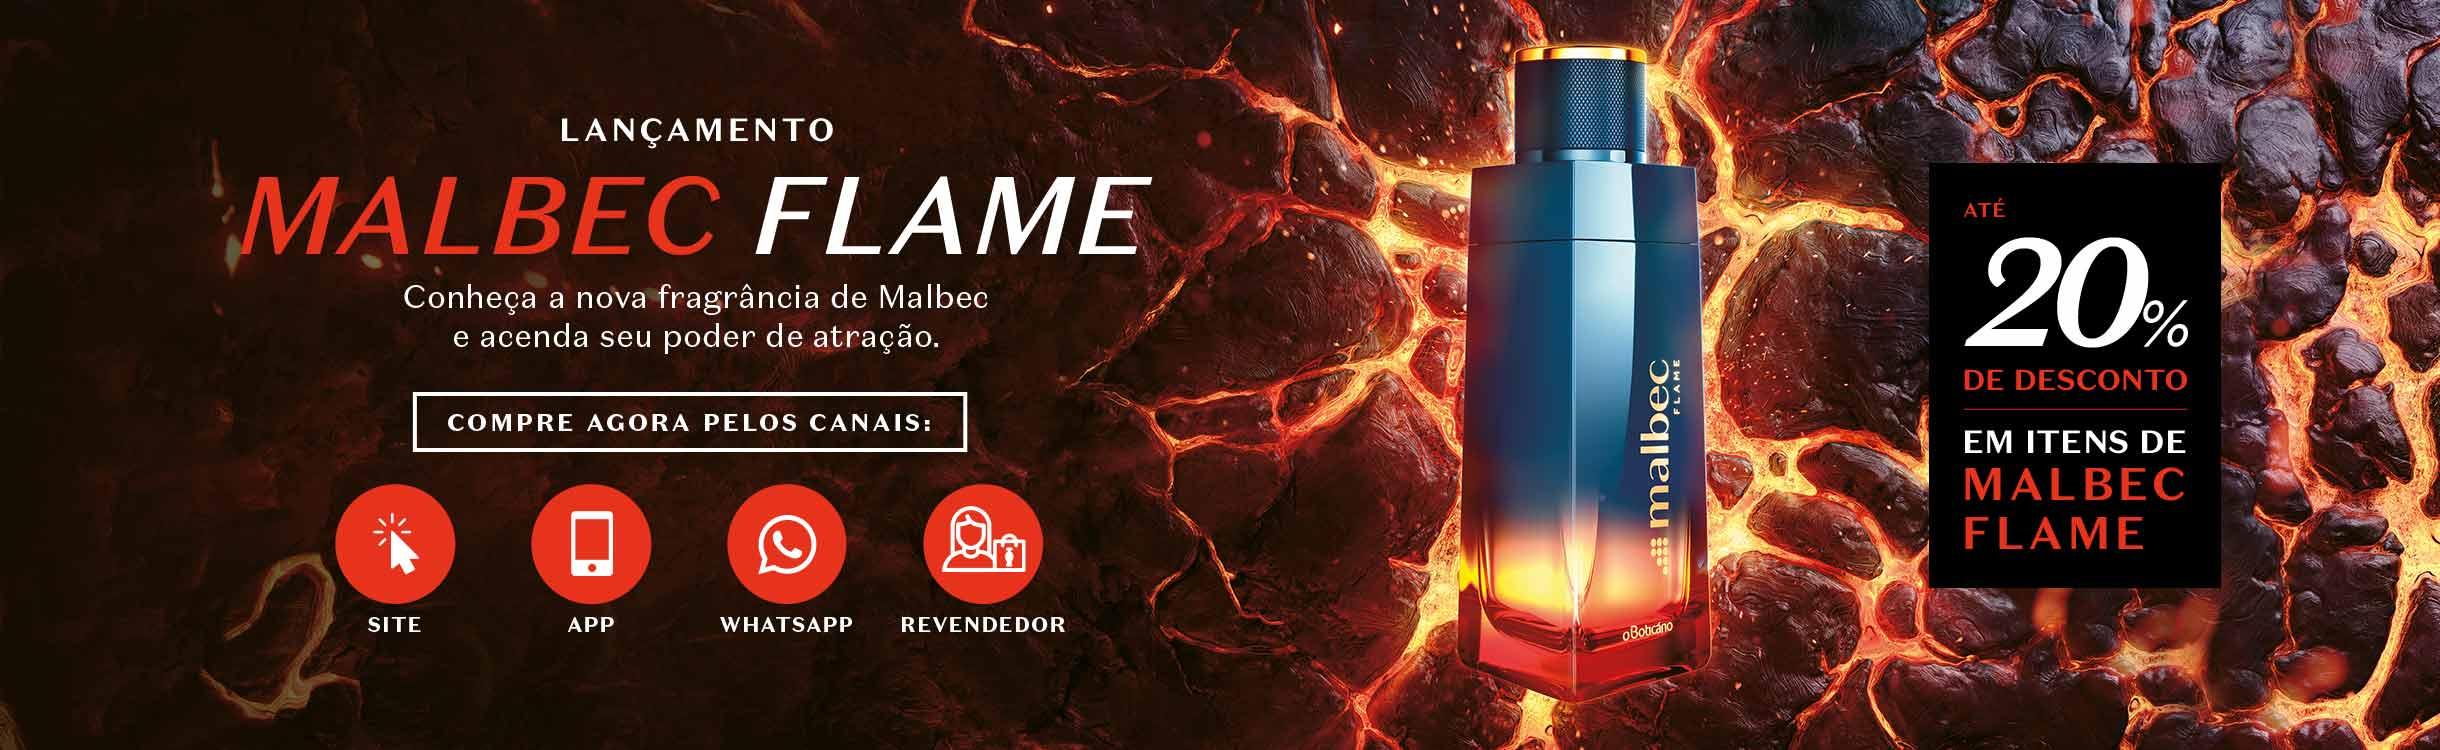 Conheça Malbec Flame, a nova fragrância do Boticário